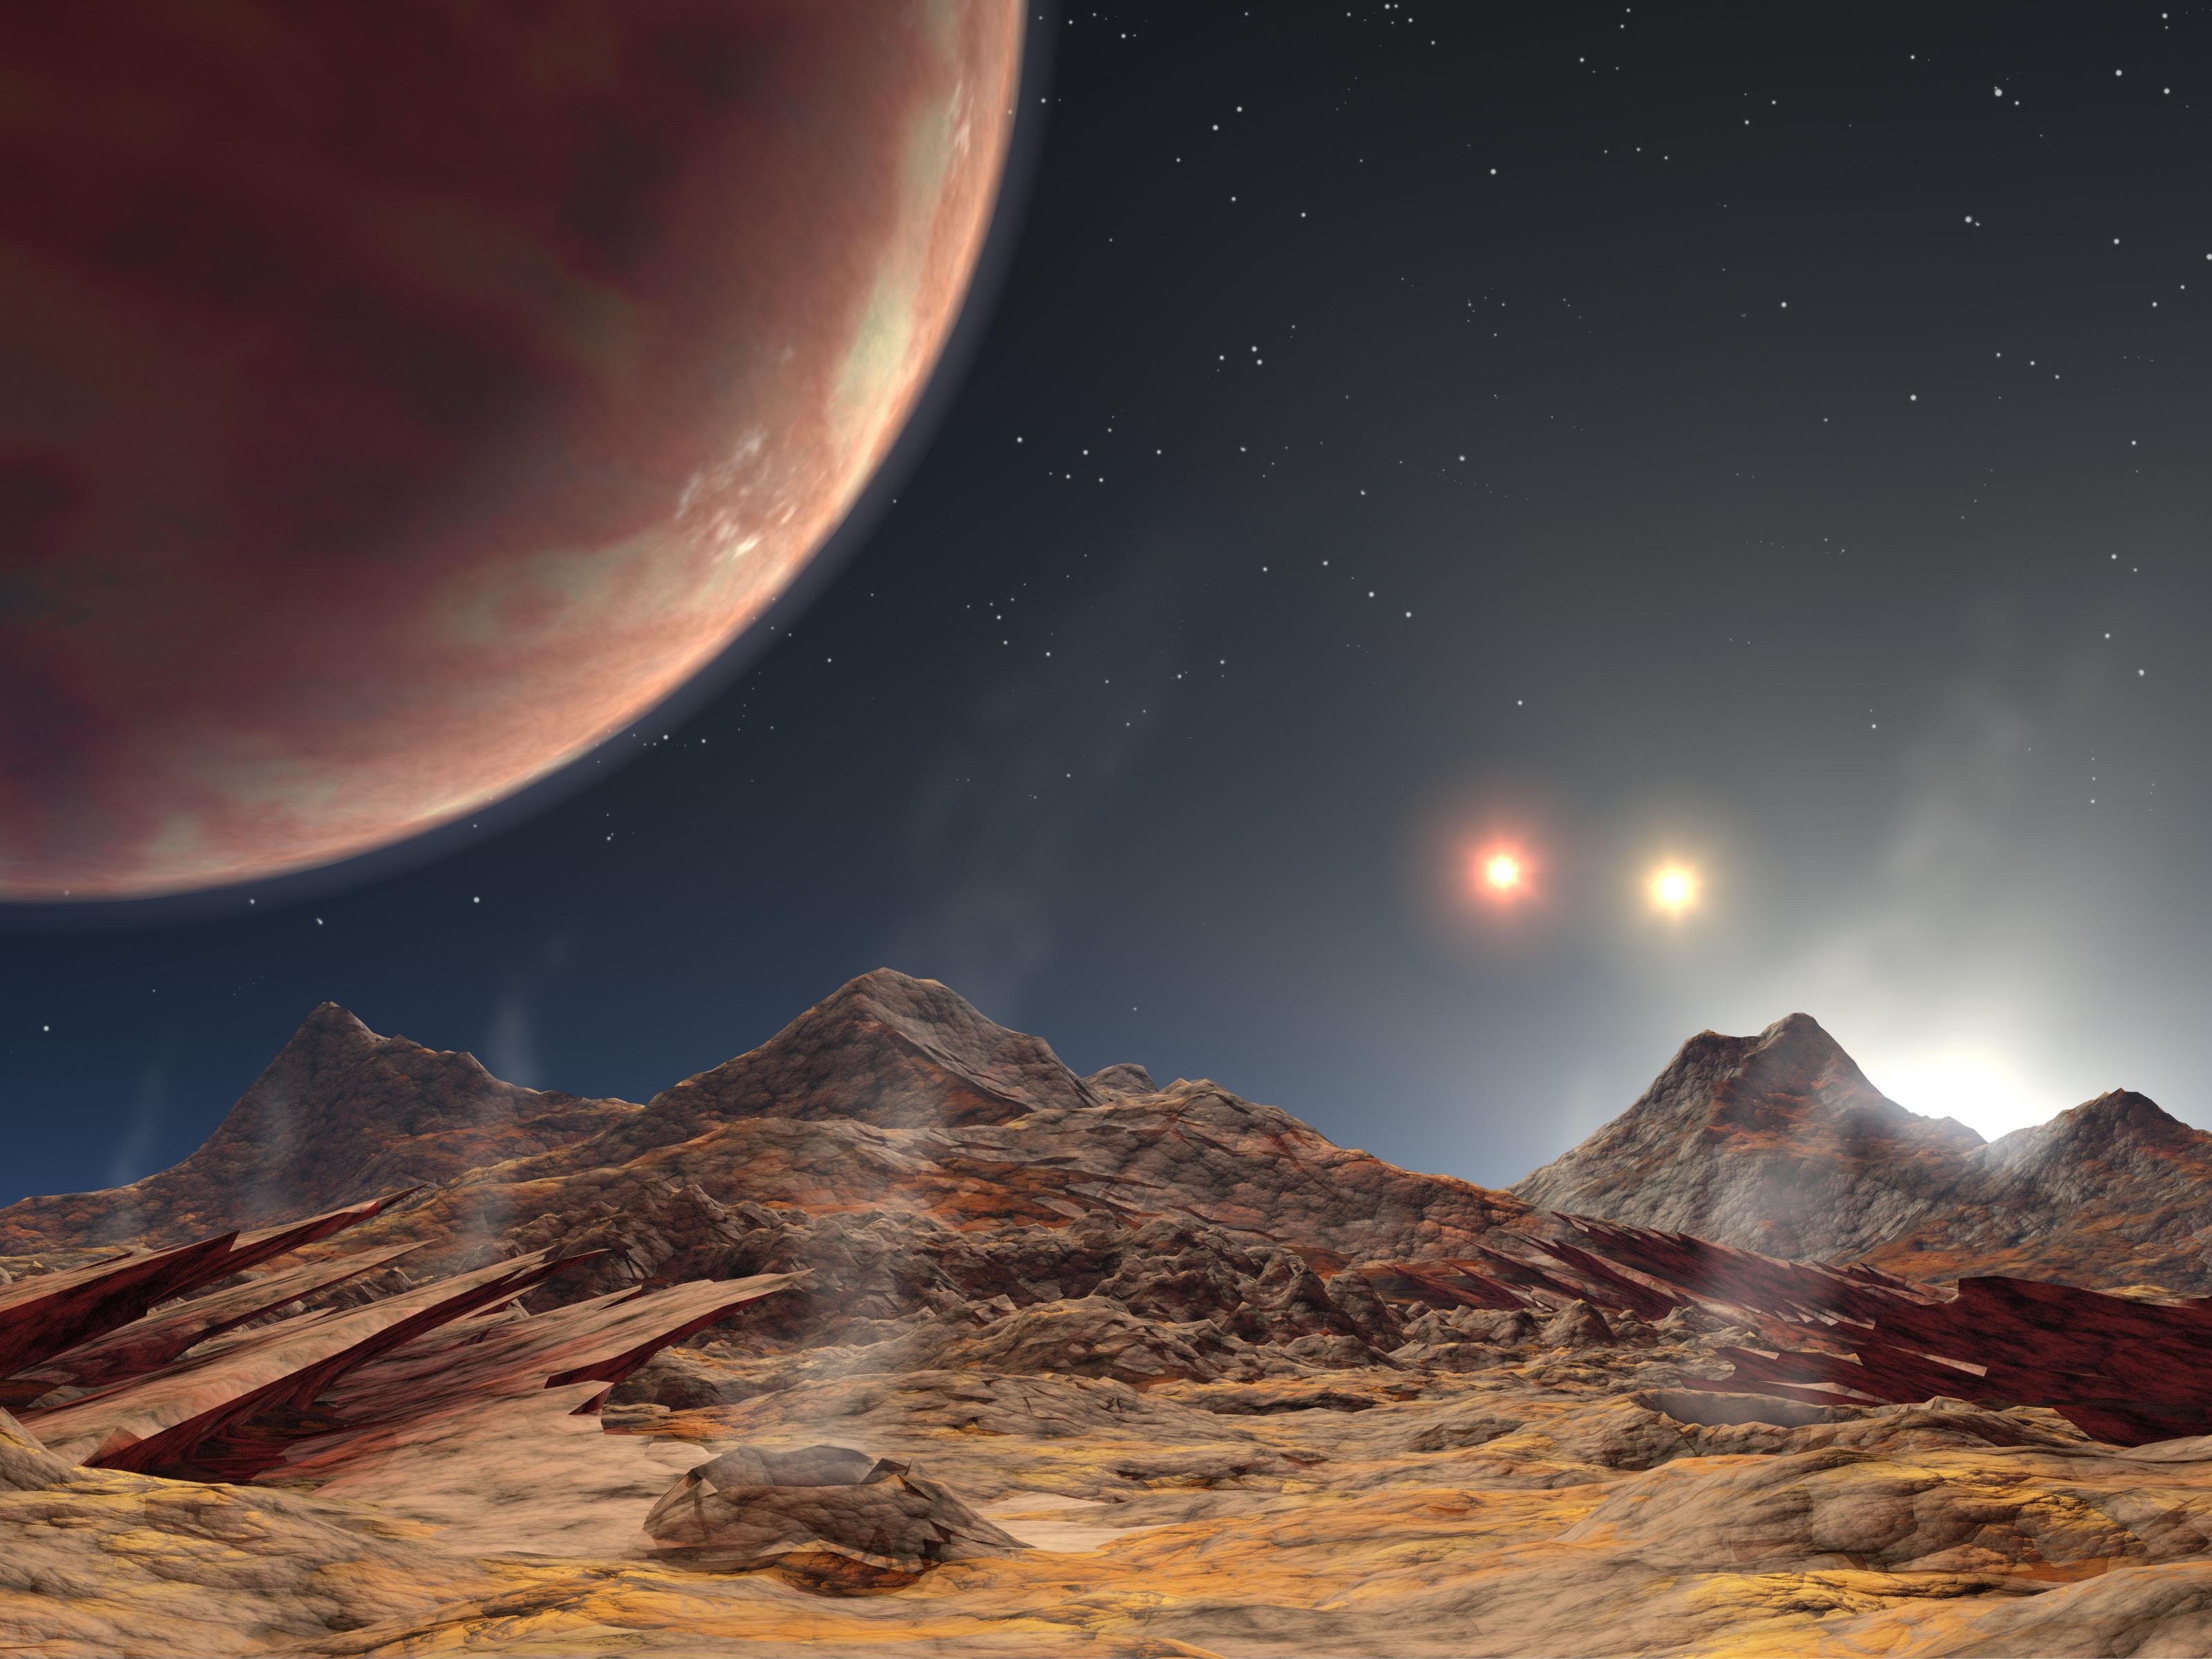 Triple-star_sunset - Hệ sao HD 188753